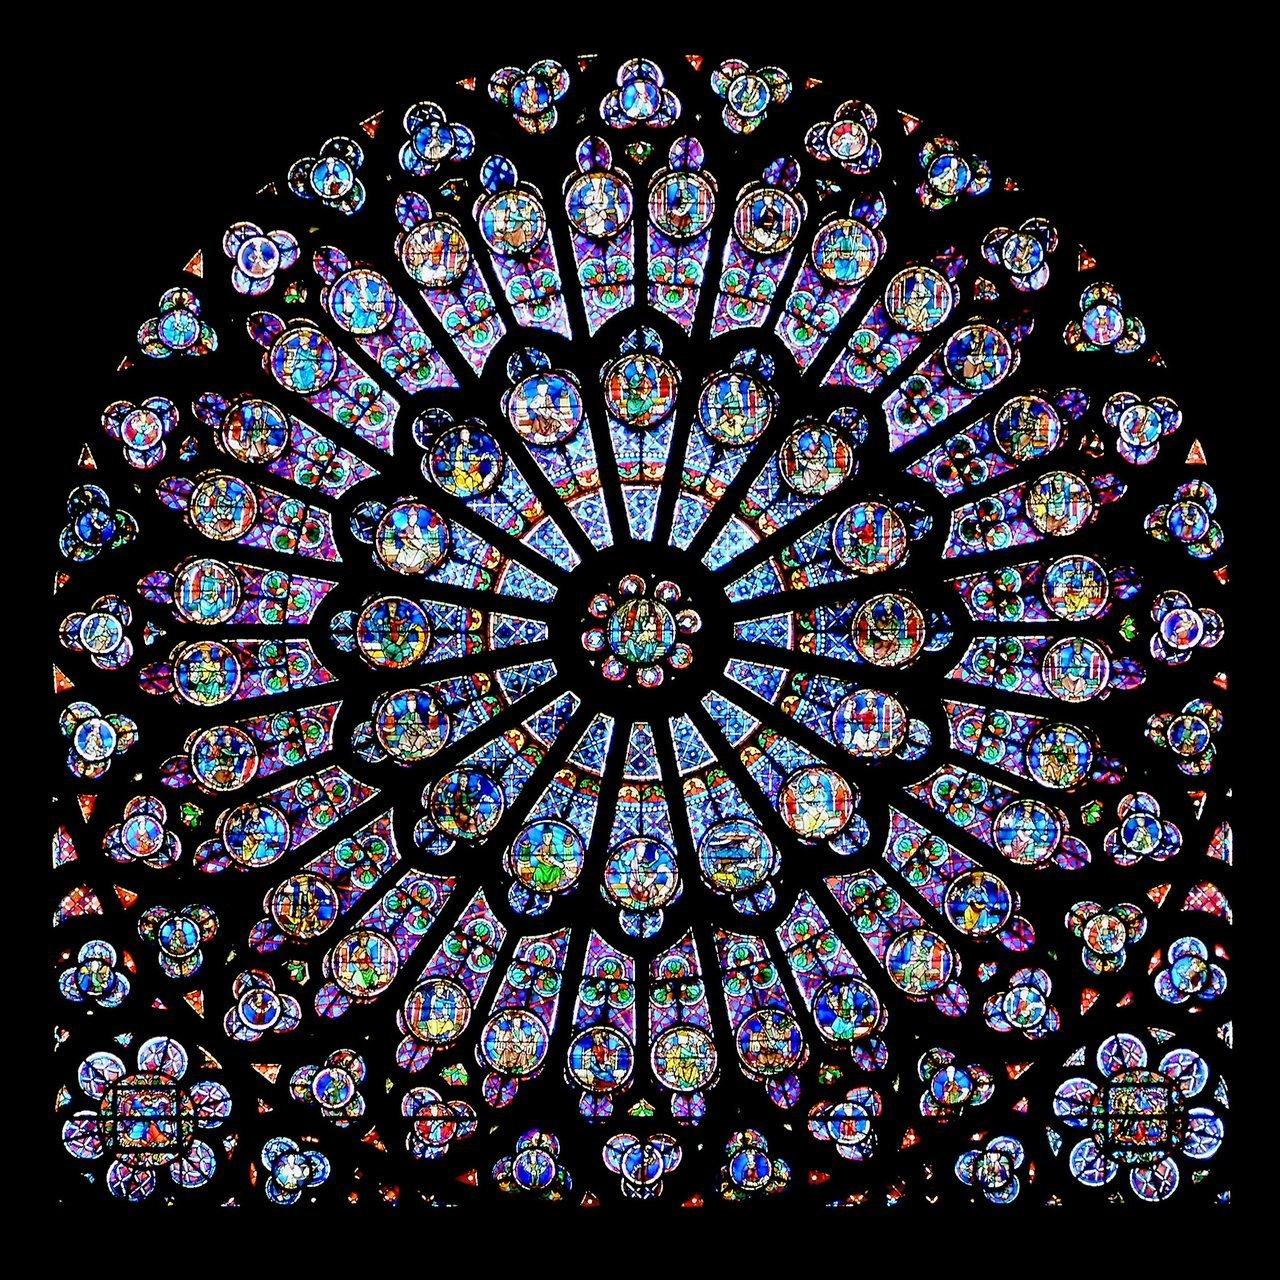 Французи невтішно оплакують Собор Паризької Богоматері: які реліквії можливо втрачено